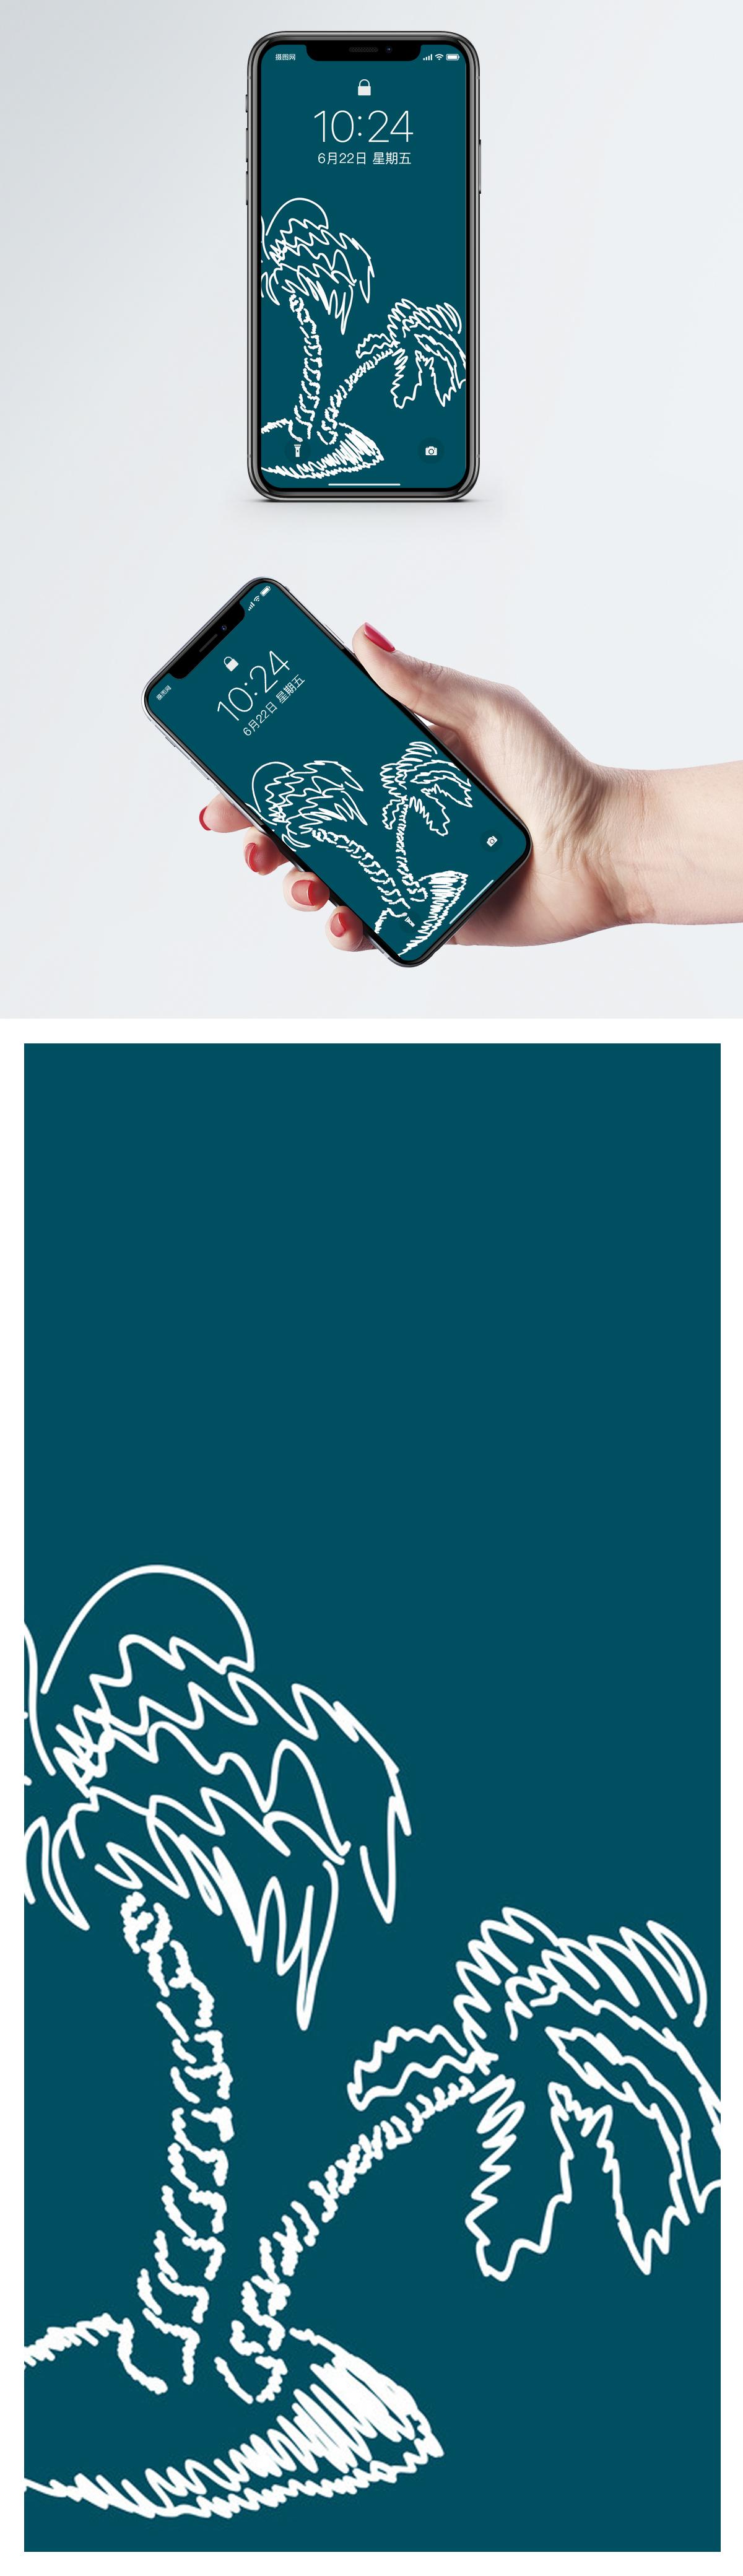 ココナッツツリーの携帯壁紙イメージ 背景 Id Prf画像フォーマットjpg Jp Lovepik Com